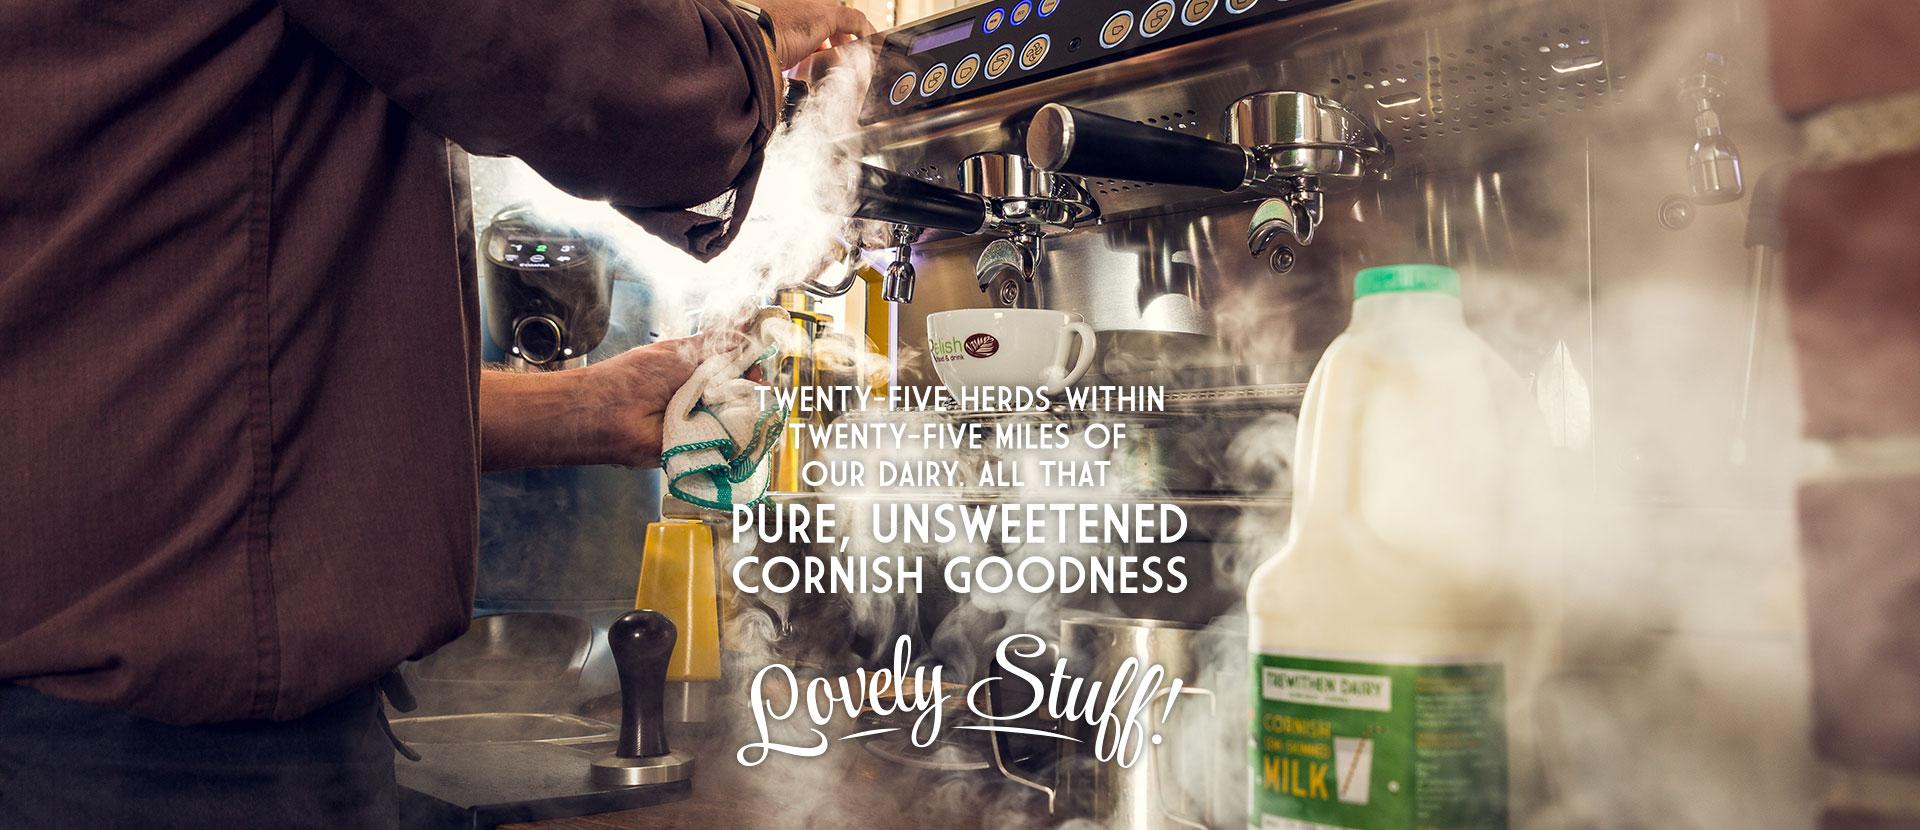 Trewithen Dairy milk